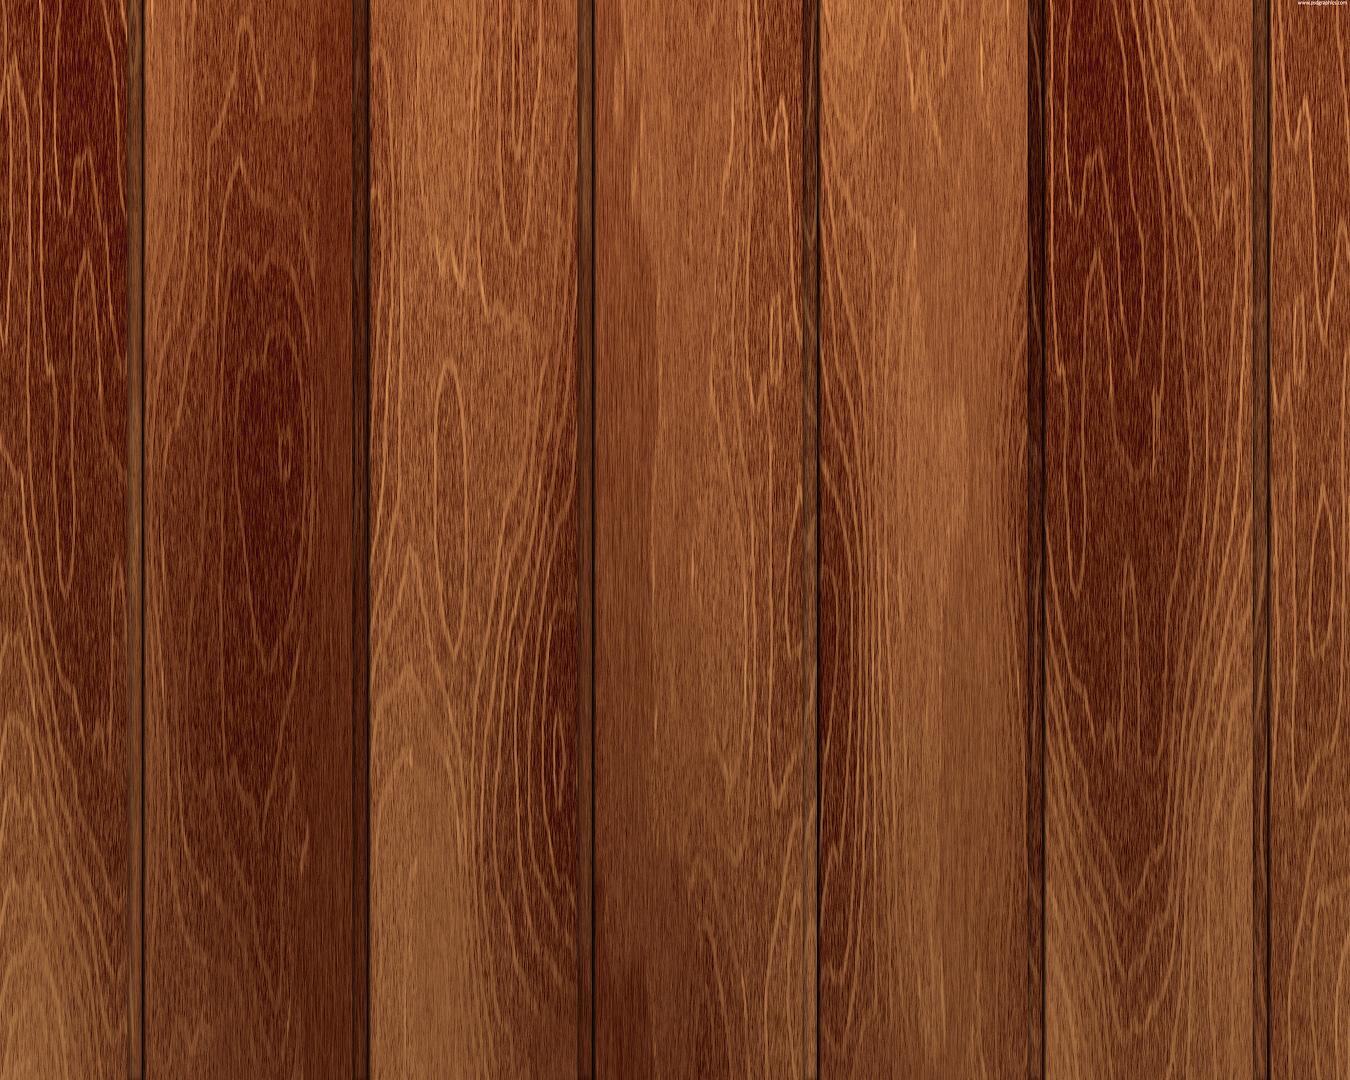 Коричневый деревянный пол - текстура